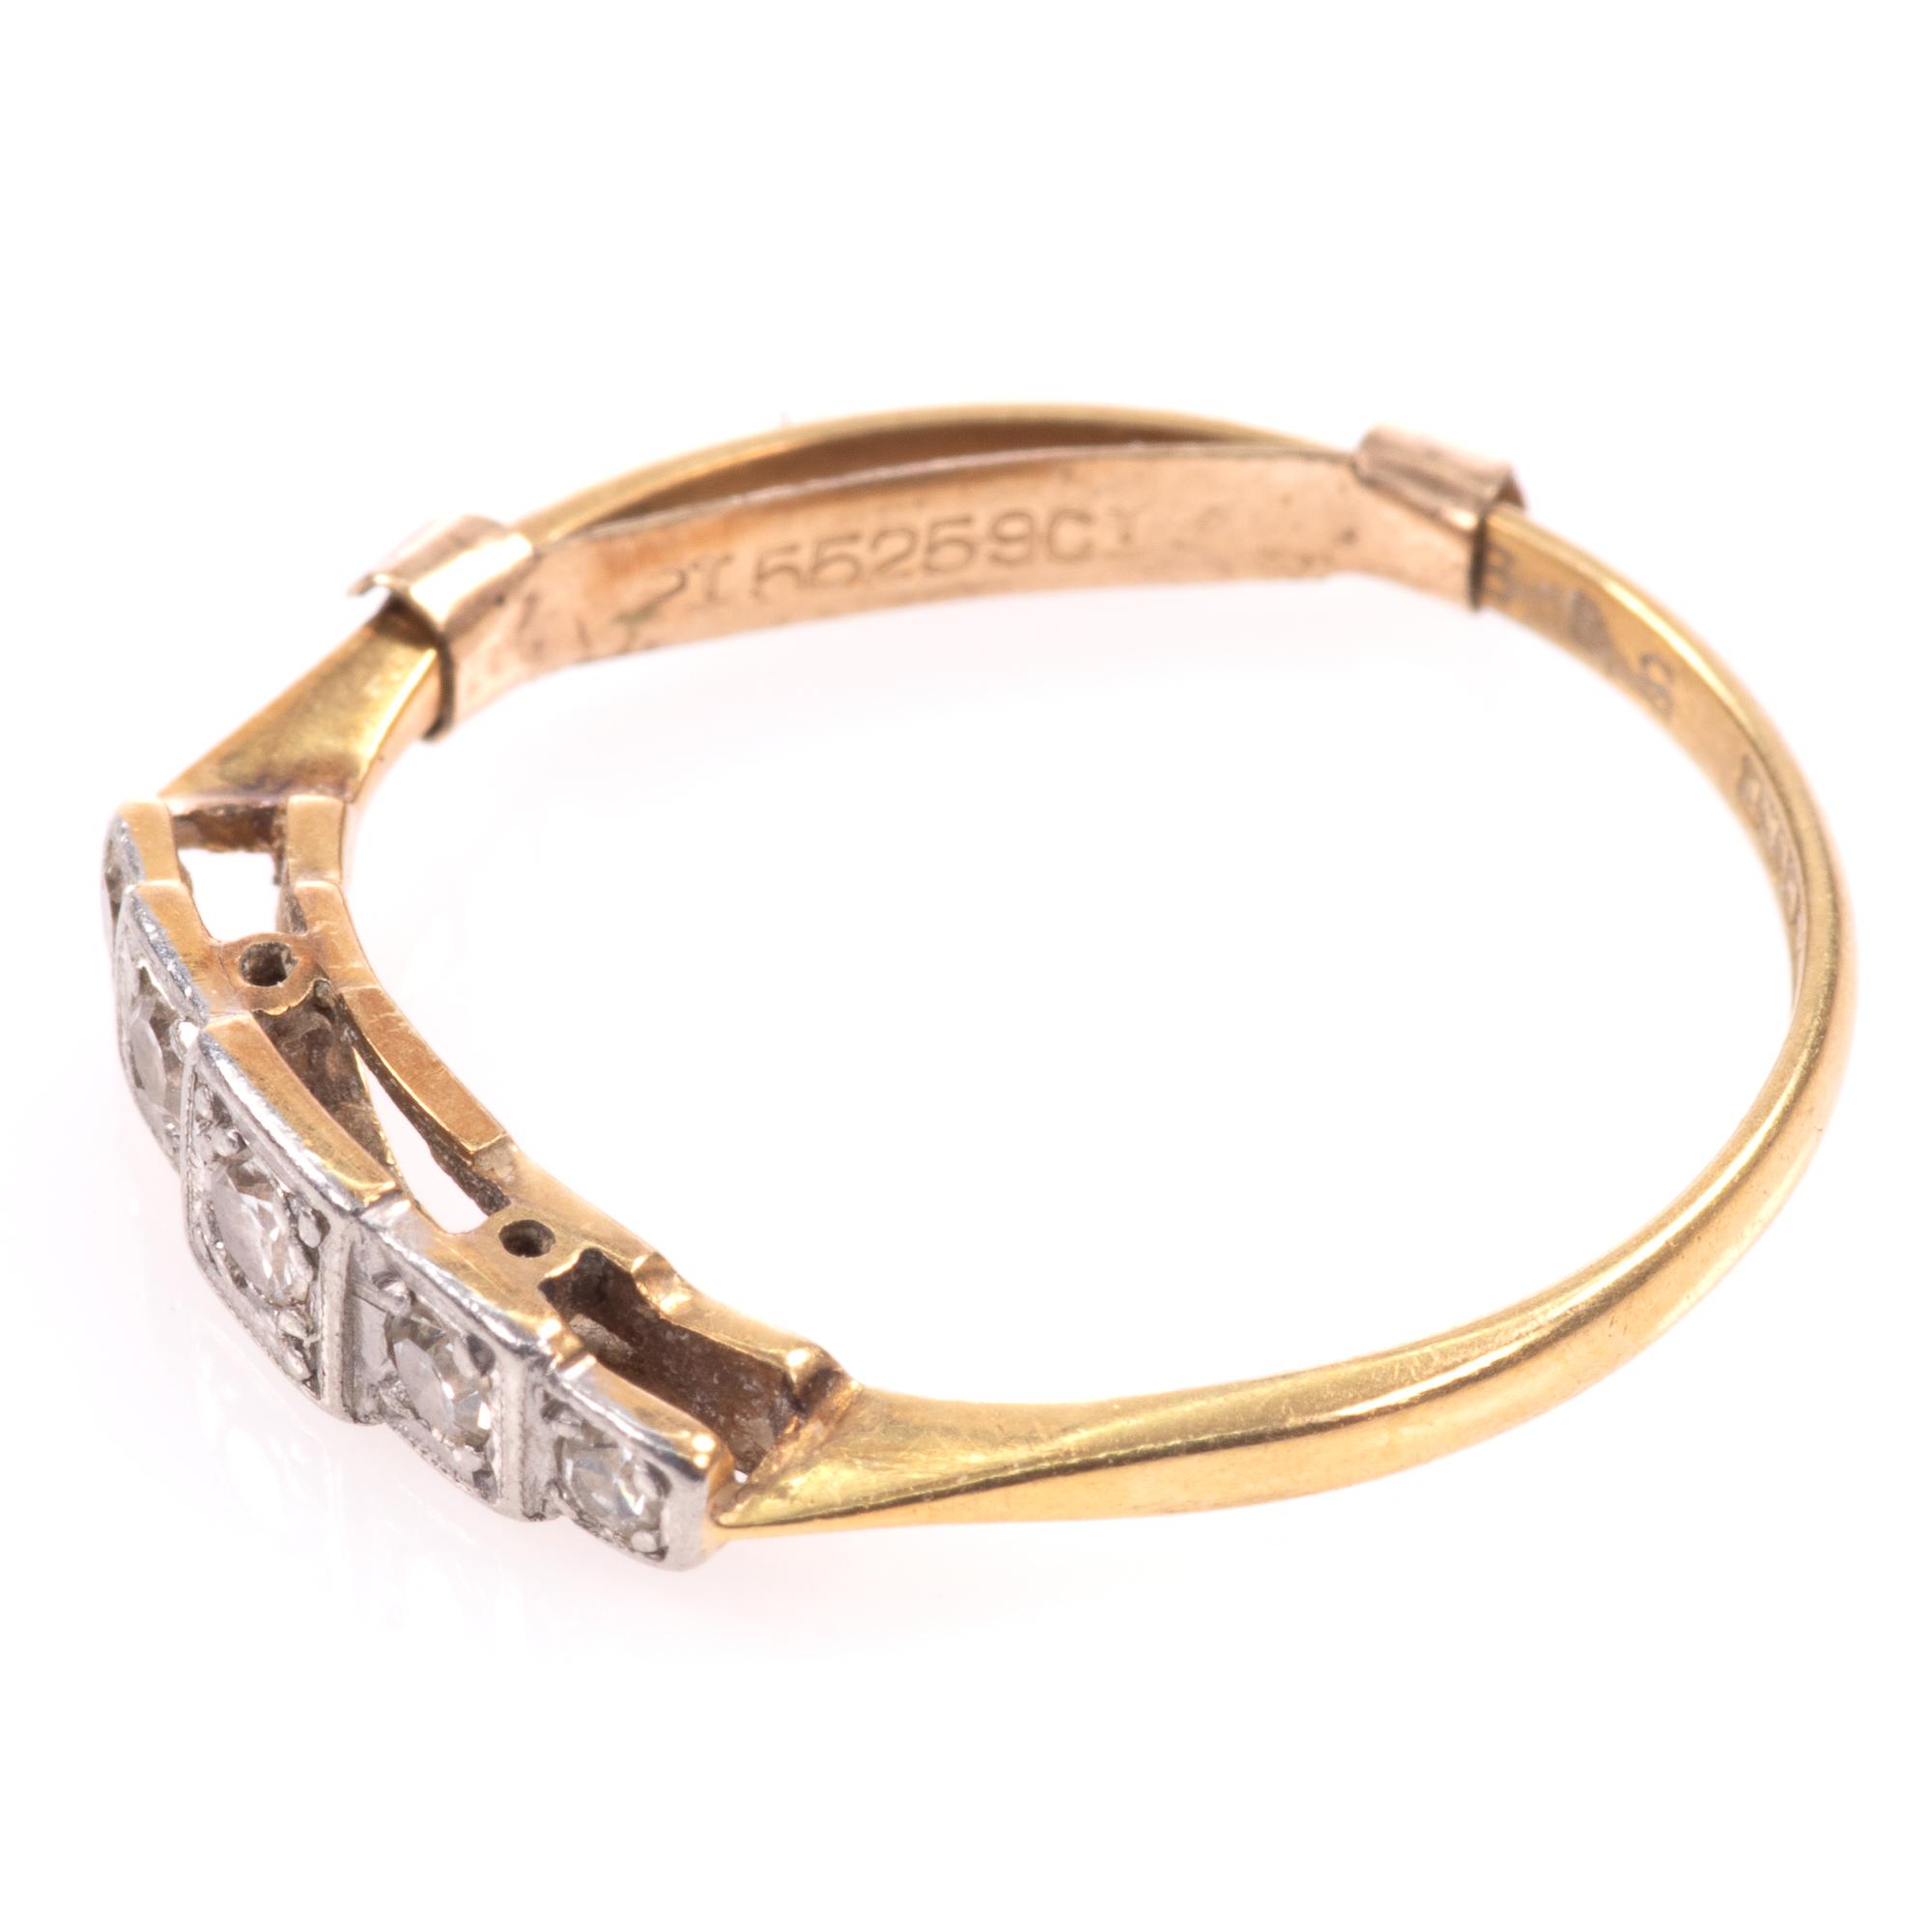 18ct Gold & Platinum Art Deco Diamond Ring - Image 5 of 9